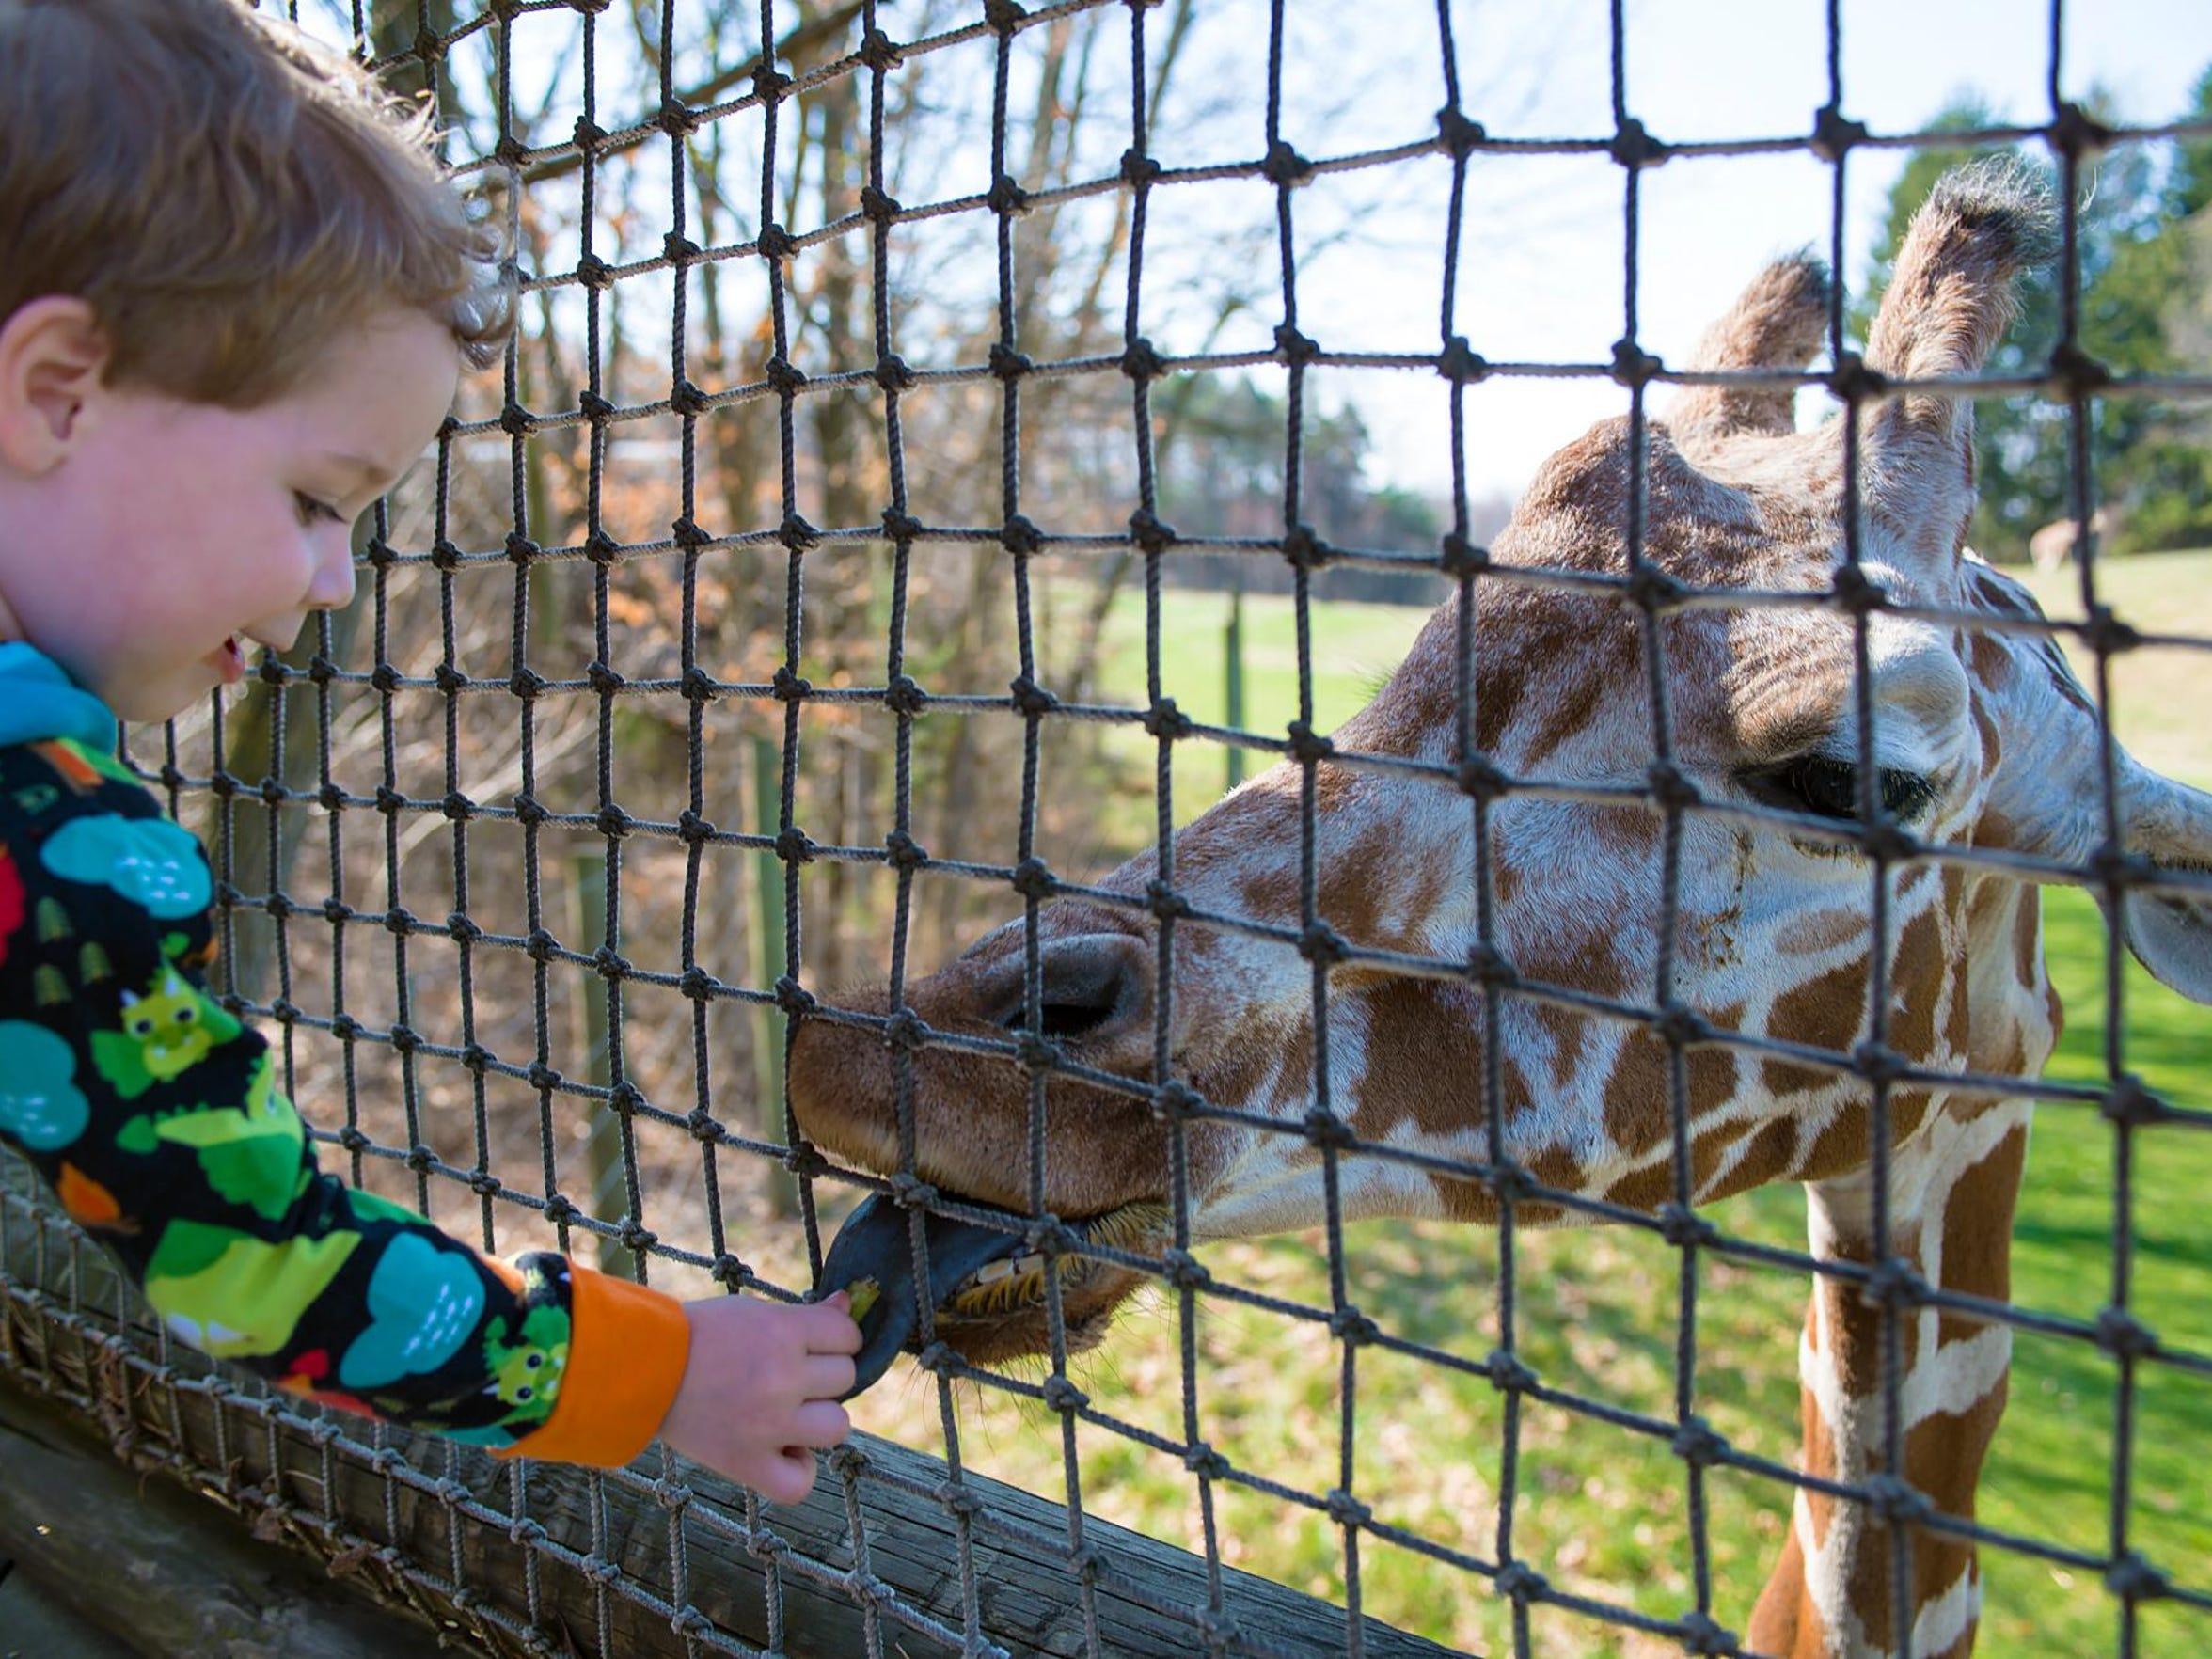 Raiden Stanton feeds a giraffe at Binder Park Zoo.